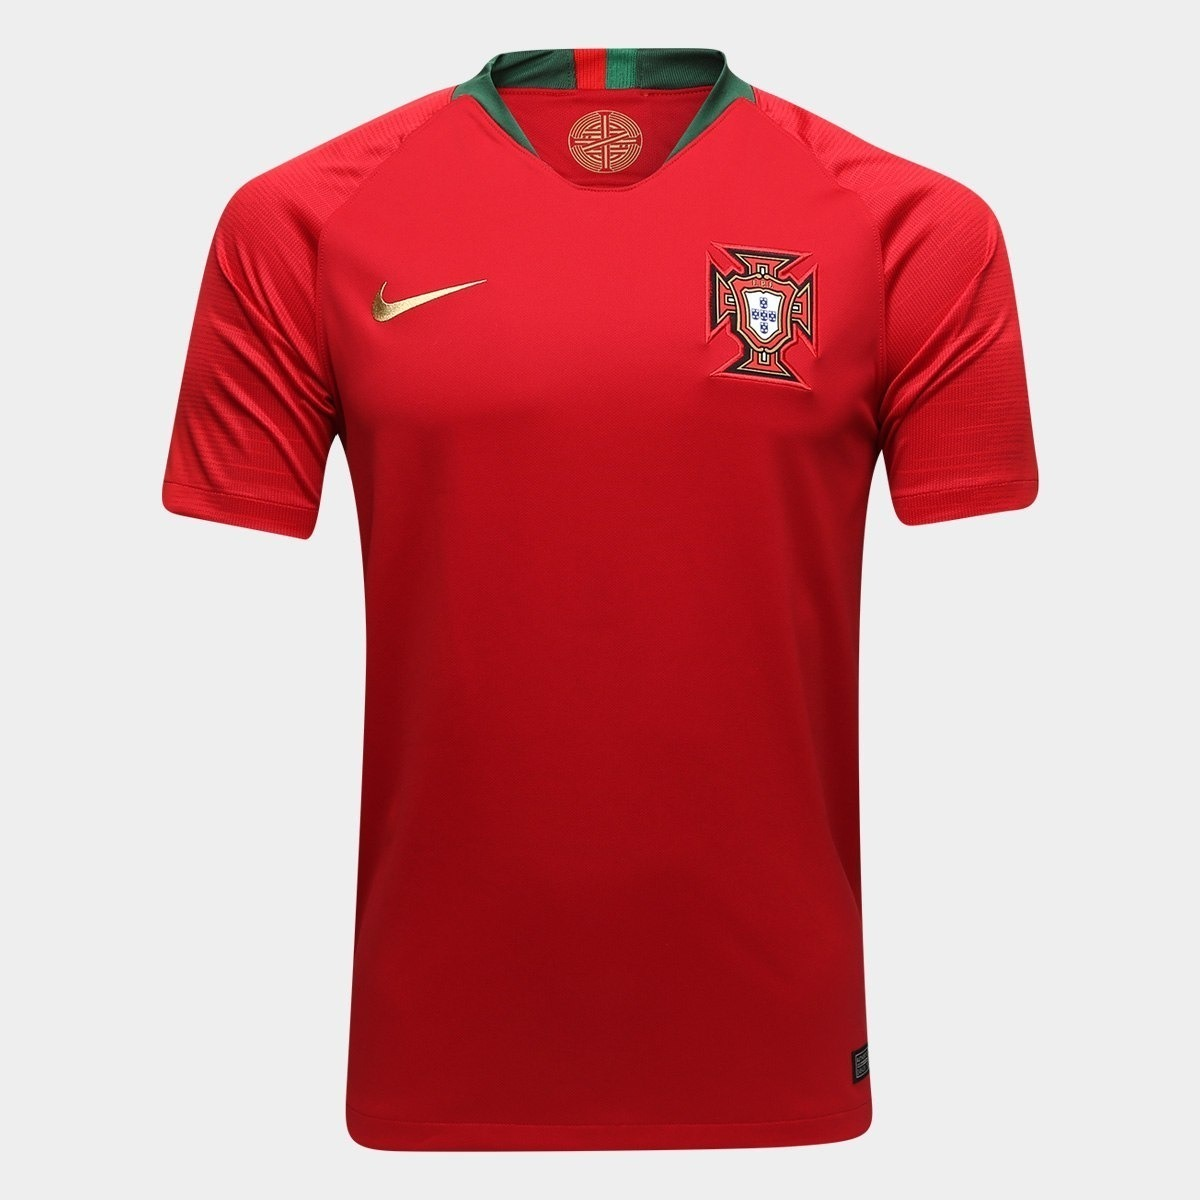 nova camisa portugal vinho 2018 2019 futebol. Carregando zoom. b8954d251063c